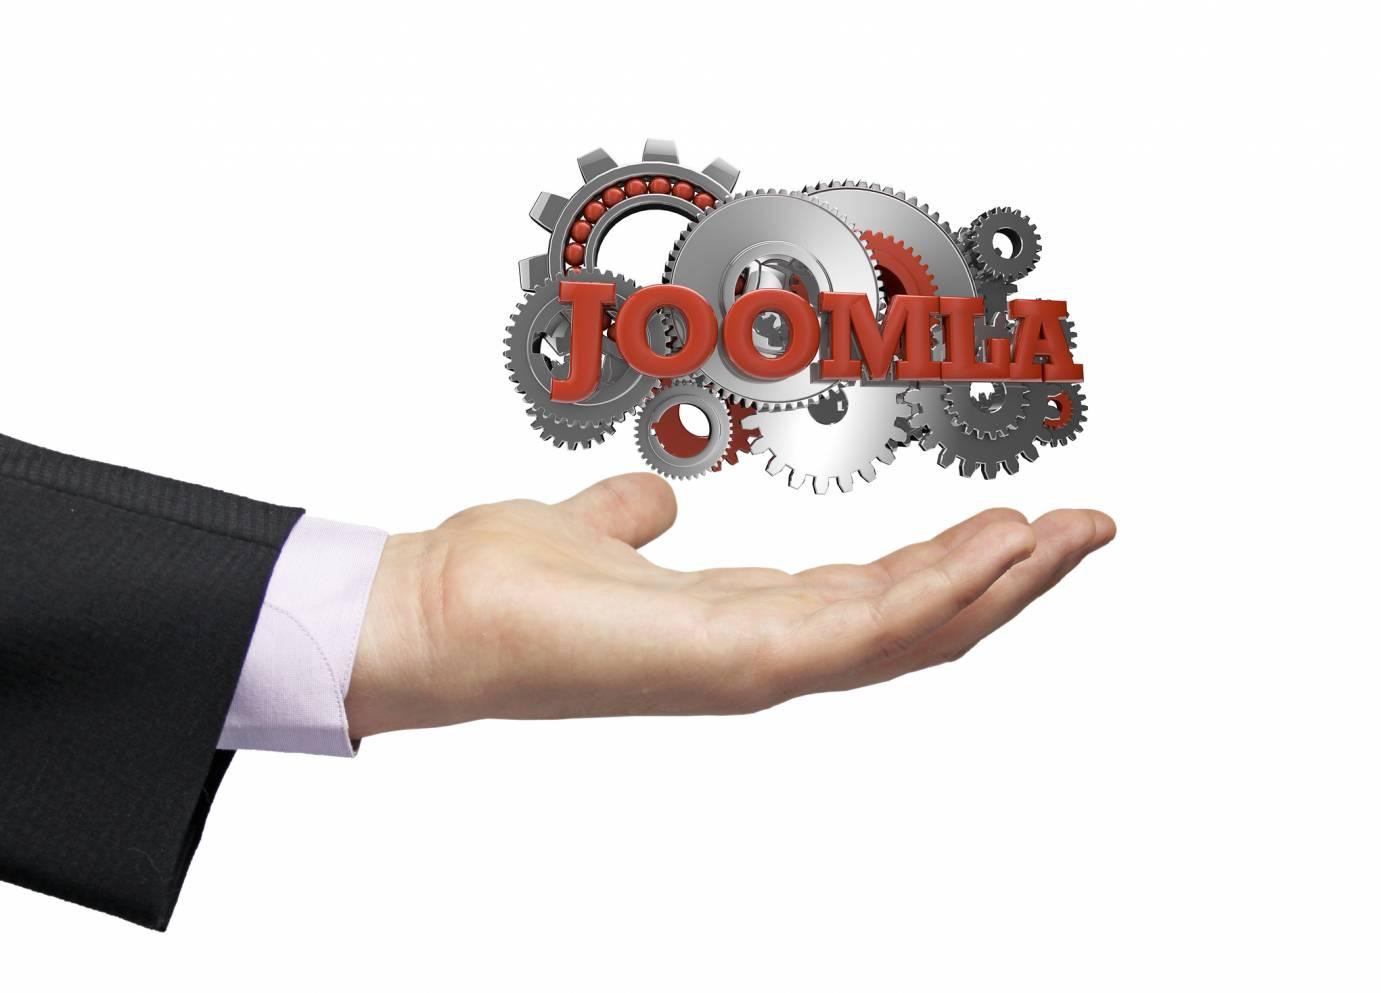 Agence Joomla à Nice : Création, Sécurité, Support & Maintenance